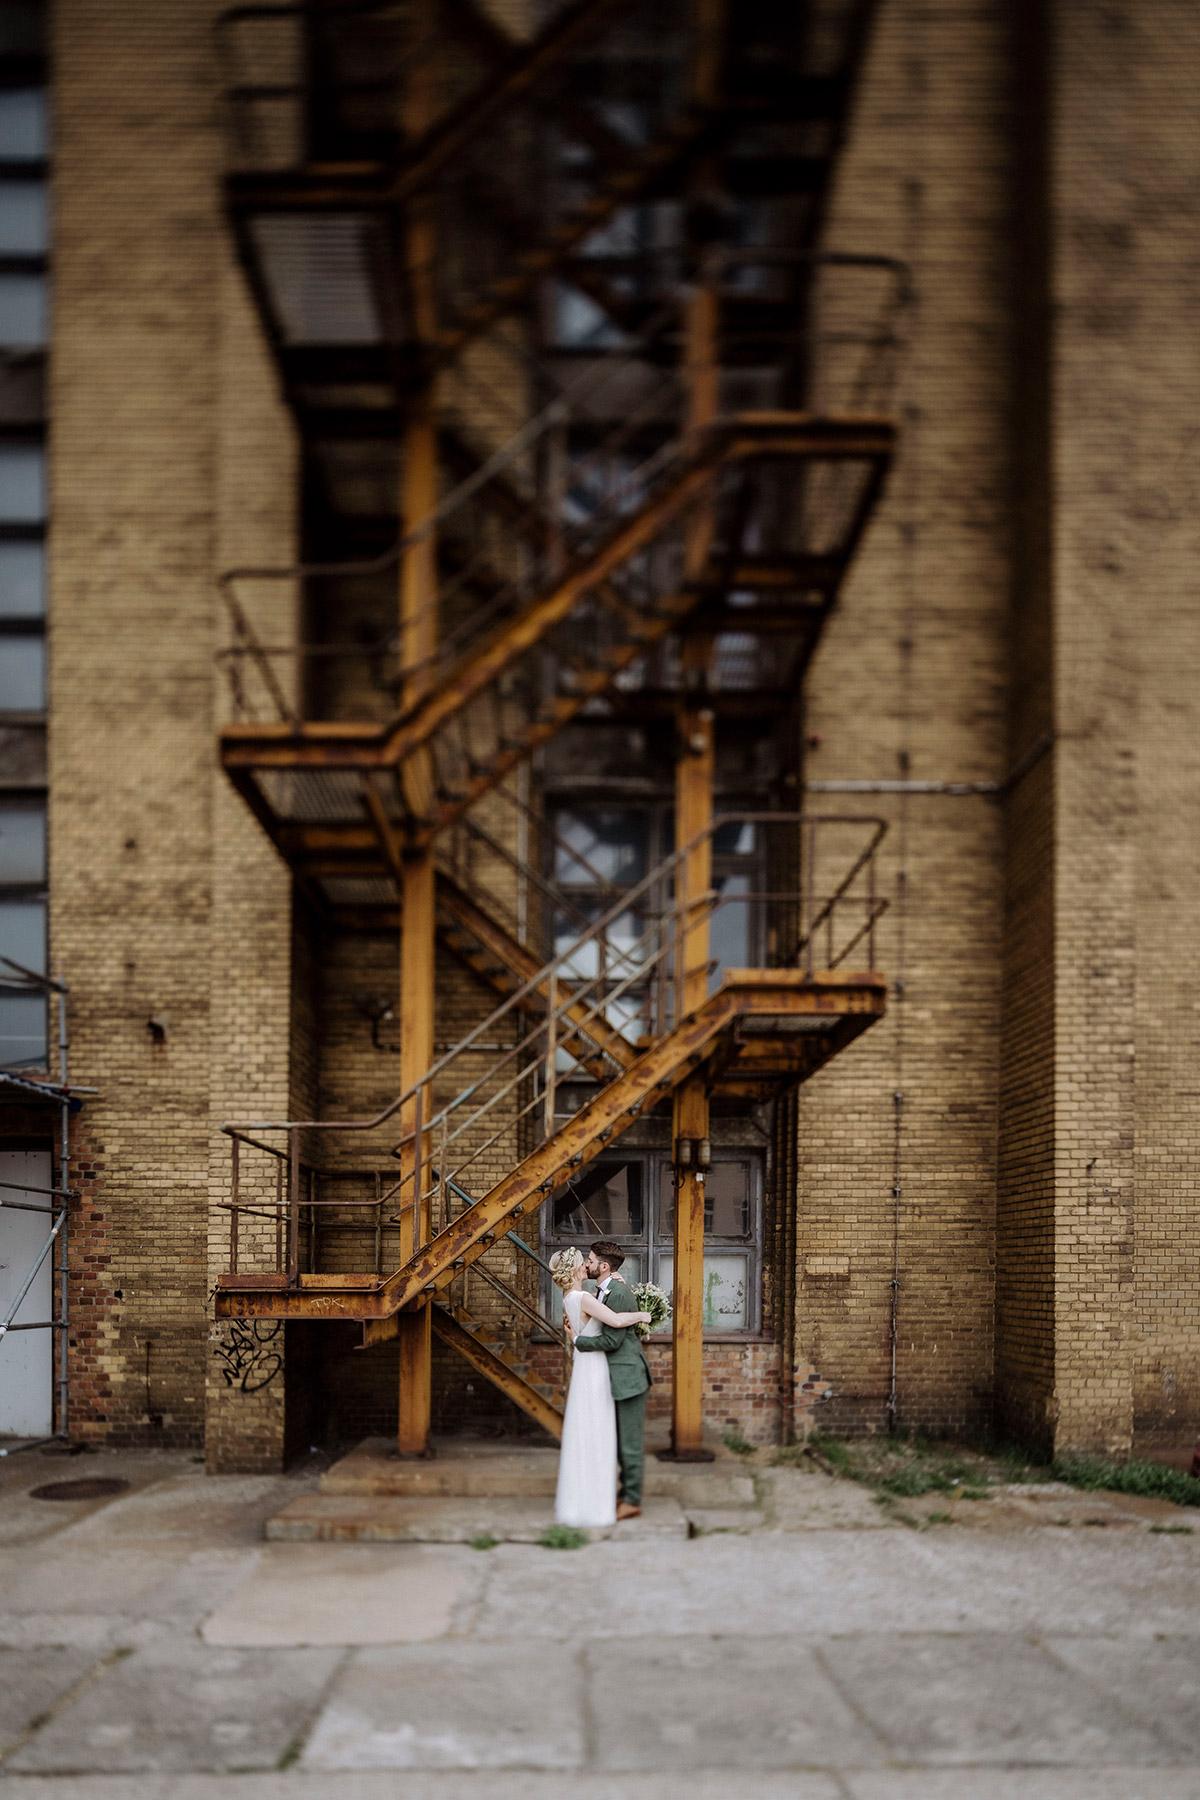 Inspiration Paarfotos urbane Location Fabrik Hochzeitsfotograf Berlin - urbane Hochzeitsfotos im Restaurant Sonnendeck Hochzeitslocation am Wasser Hochzeitsfotograf Berlin © www.hochzeitslicht.de